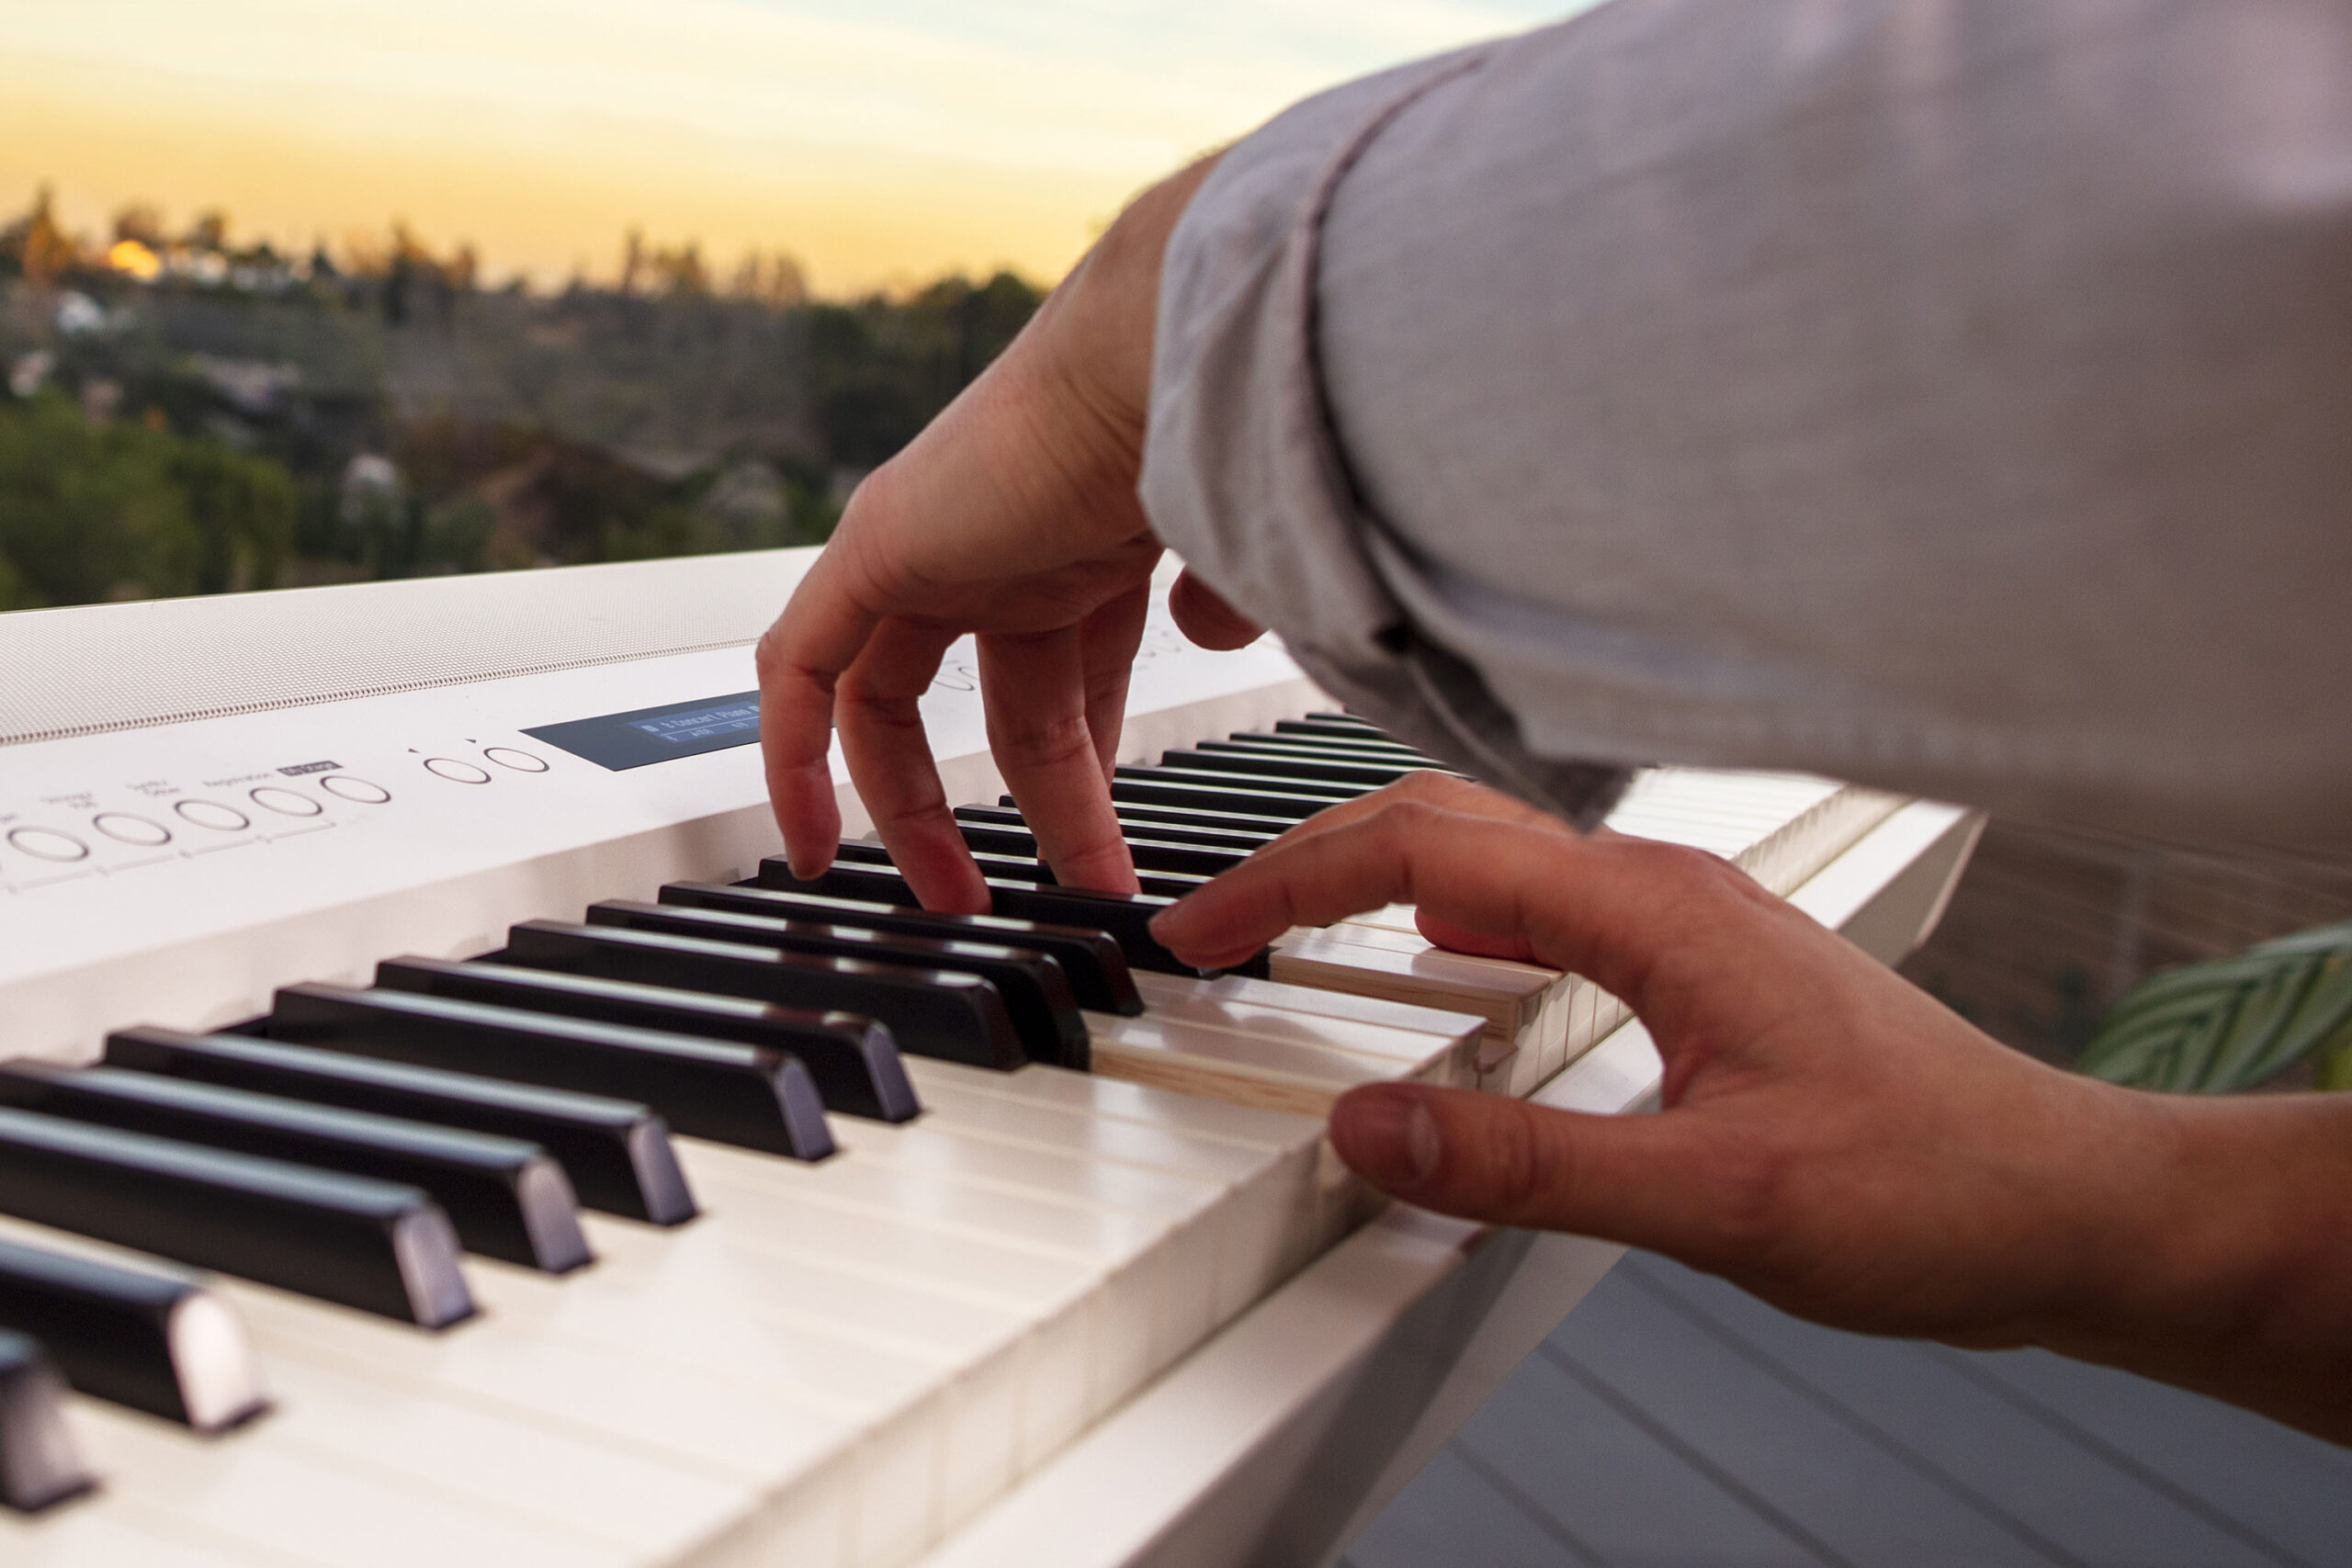 ROLAND COMMERCIALISE LA GAMME DE PIANOS NUMÉRIQUES FP-X